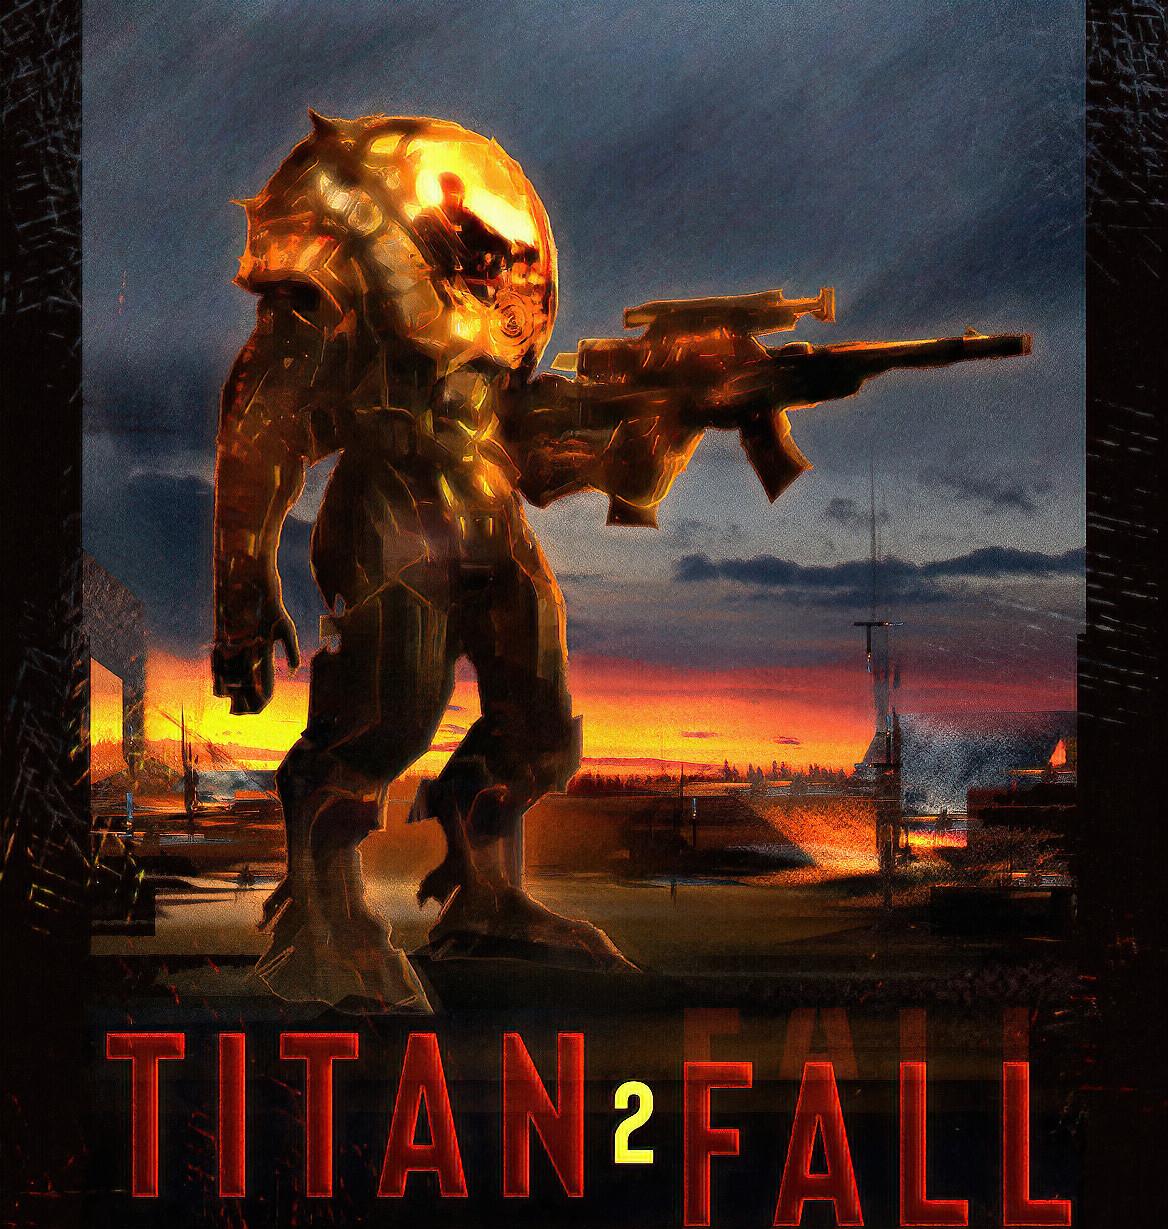 TITAN 2 FALL